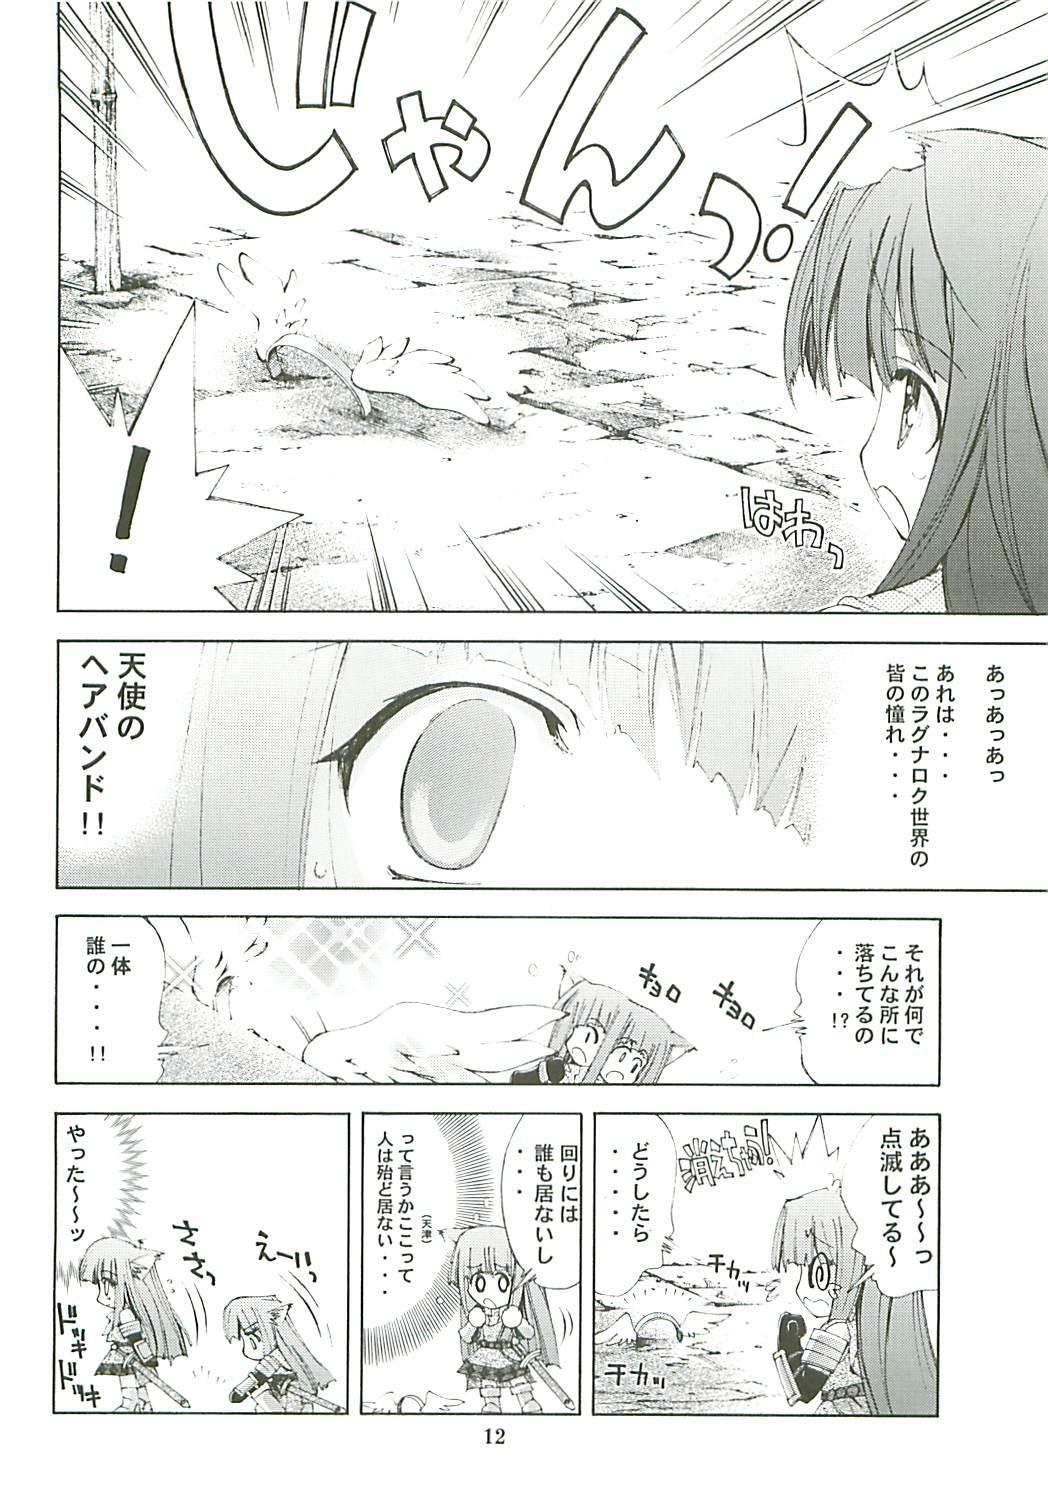 Kaishaku Level 99 ni Naru Hon 11